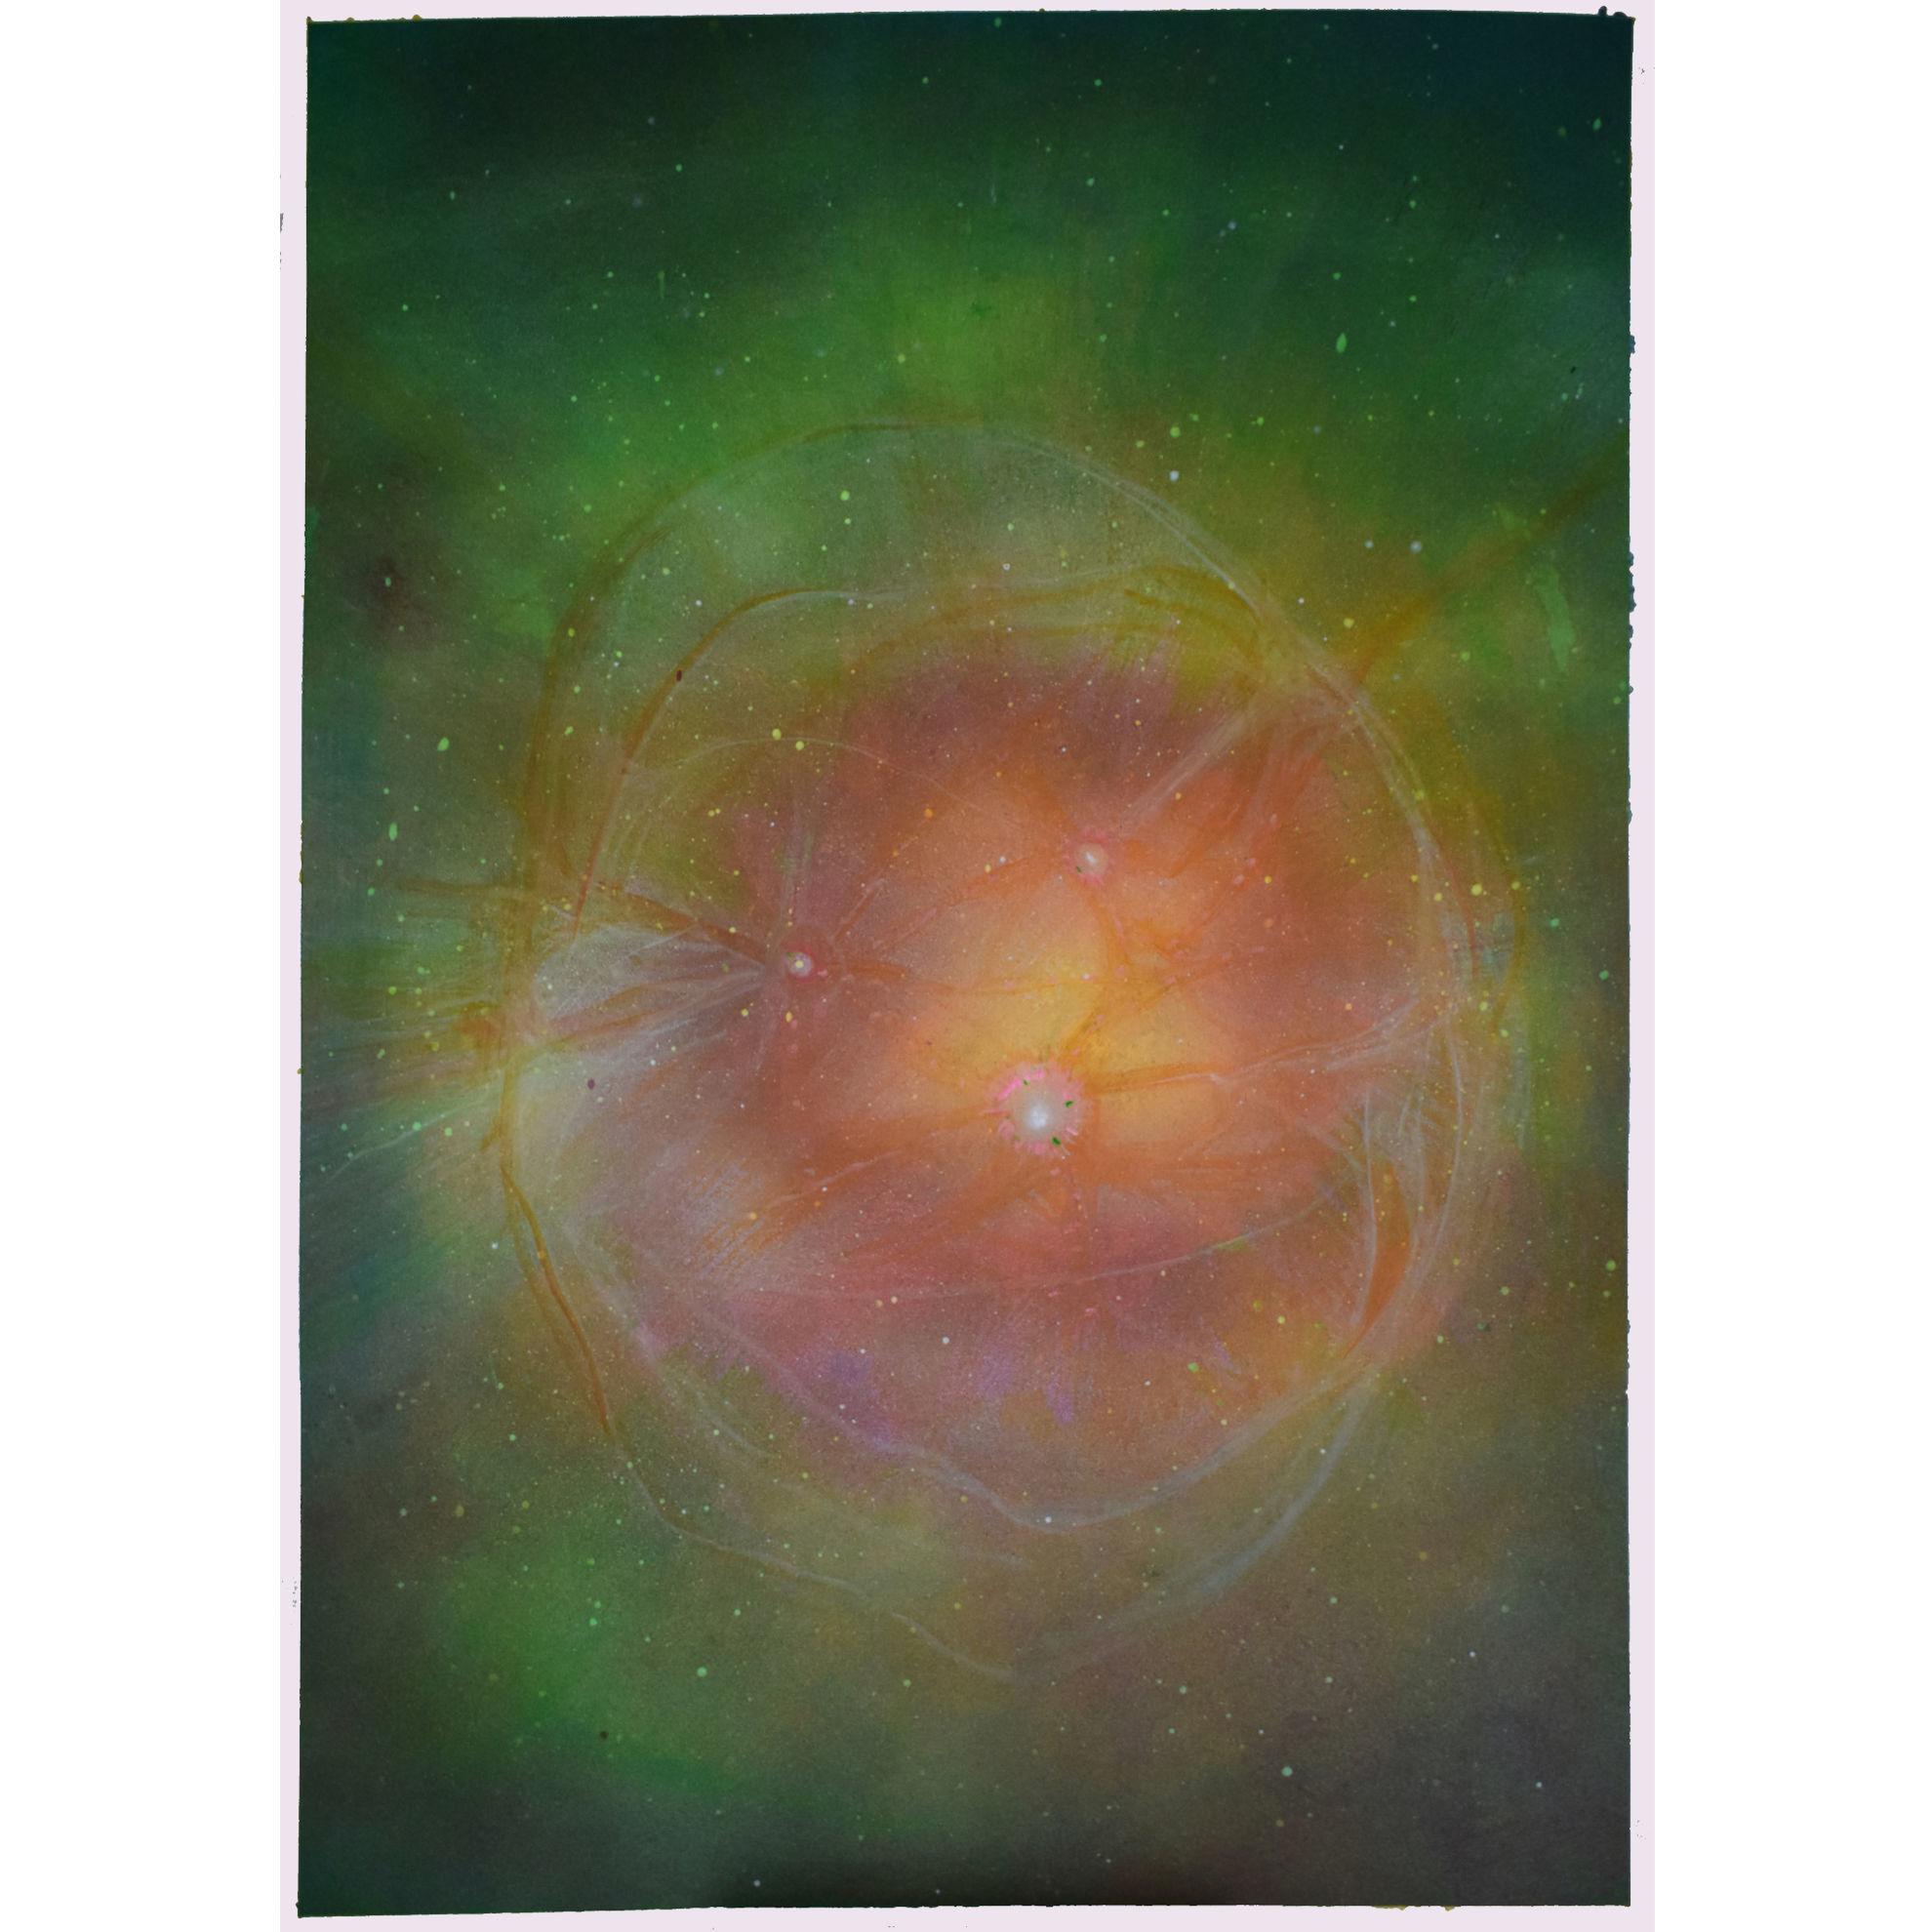 Immagine di Appunti dallo spazio 04  - Quadro moderno